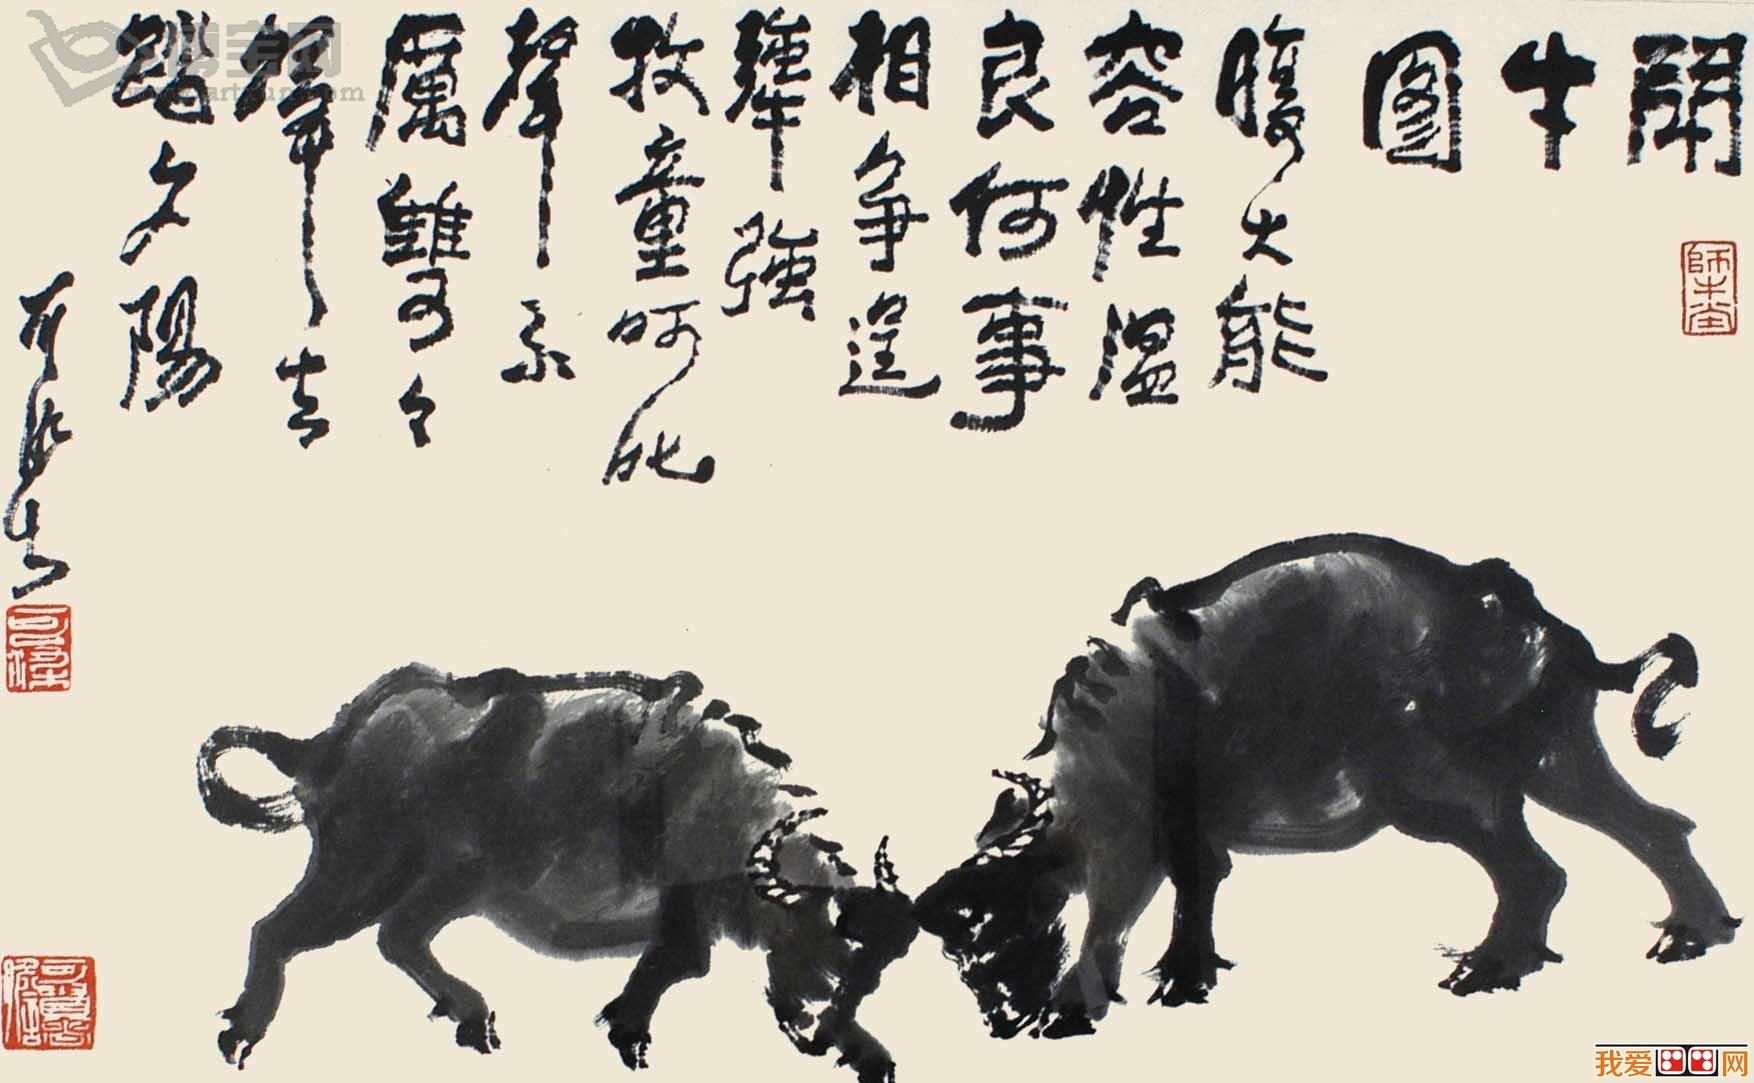 中国古代画牛之能手 戴嵩